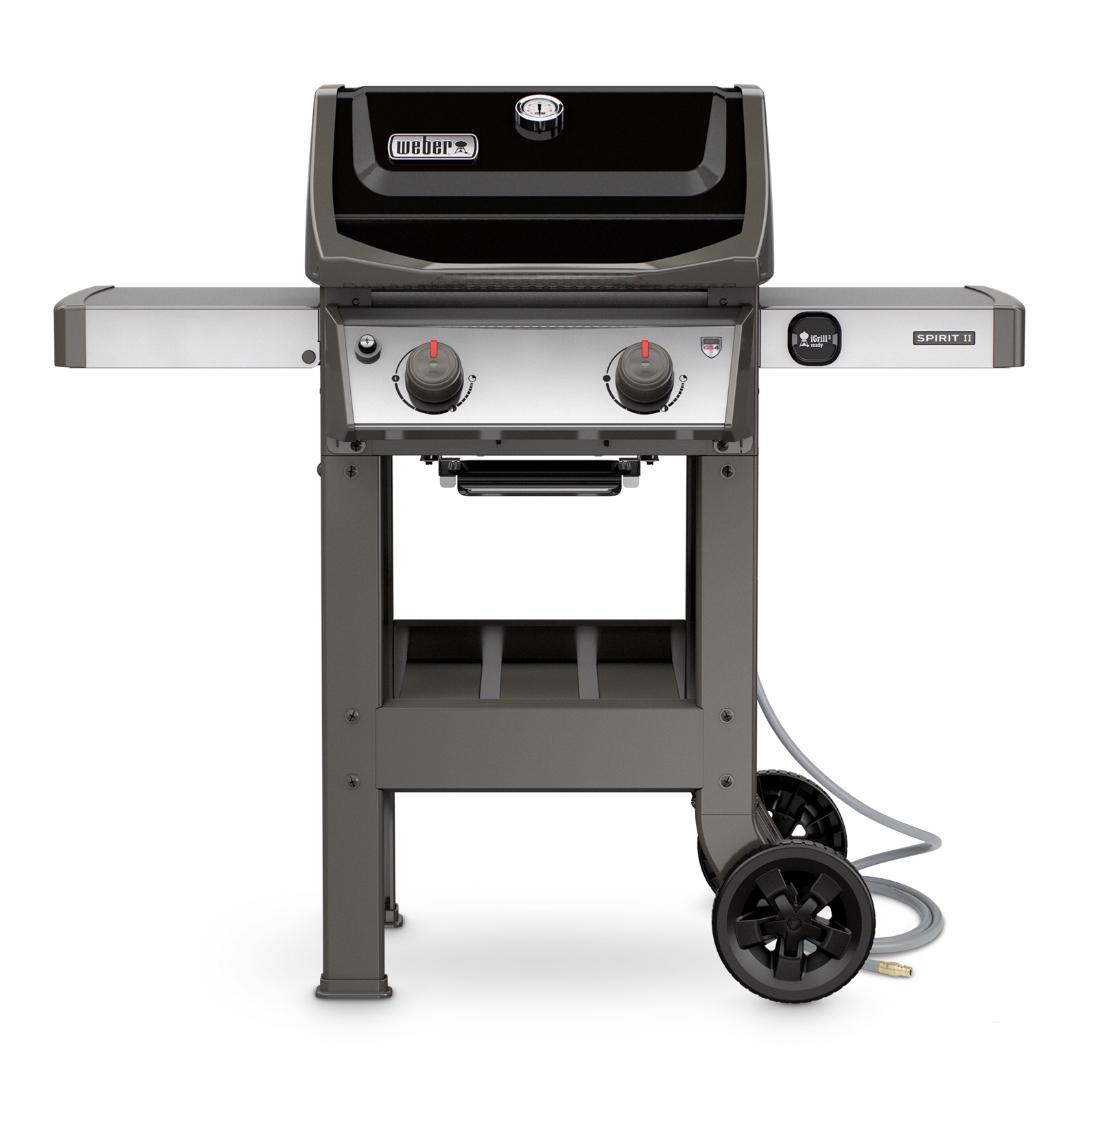 Weber Spirit E-210 LP gas grill @walmart $100 YMMV - Slickdeals net